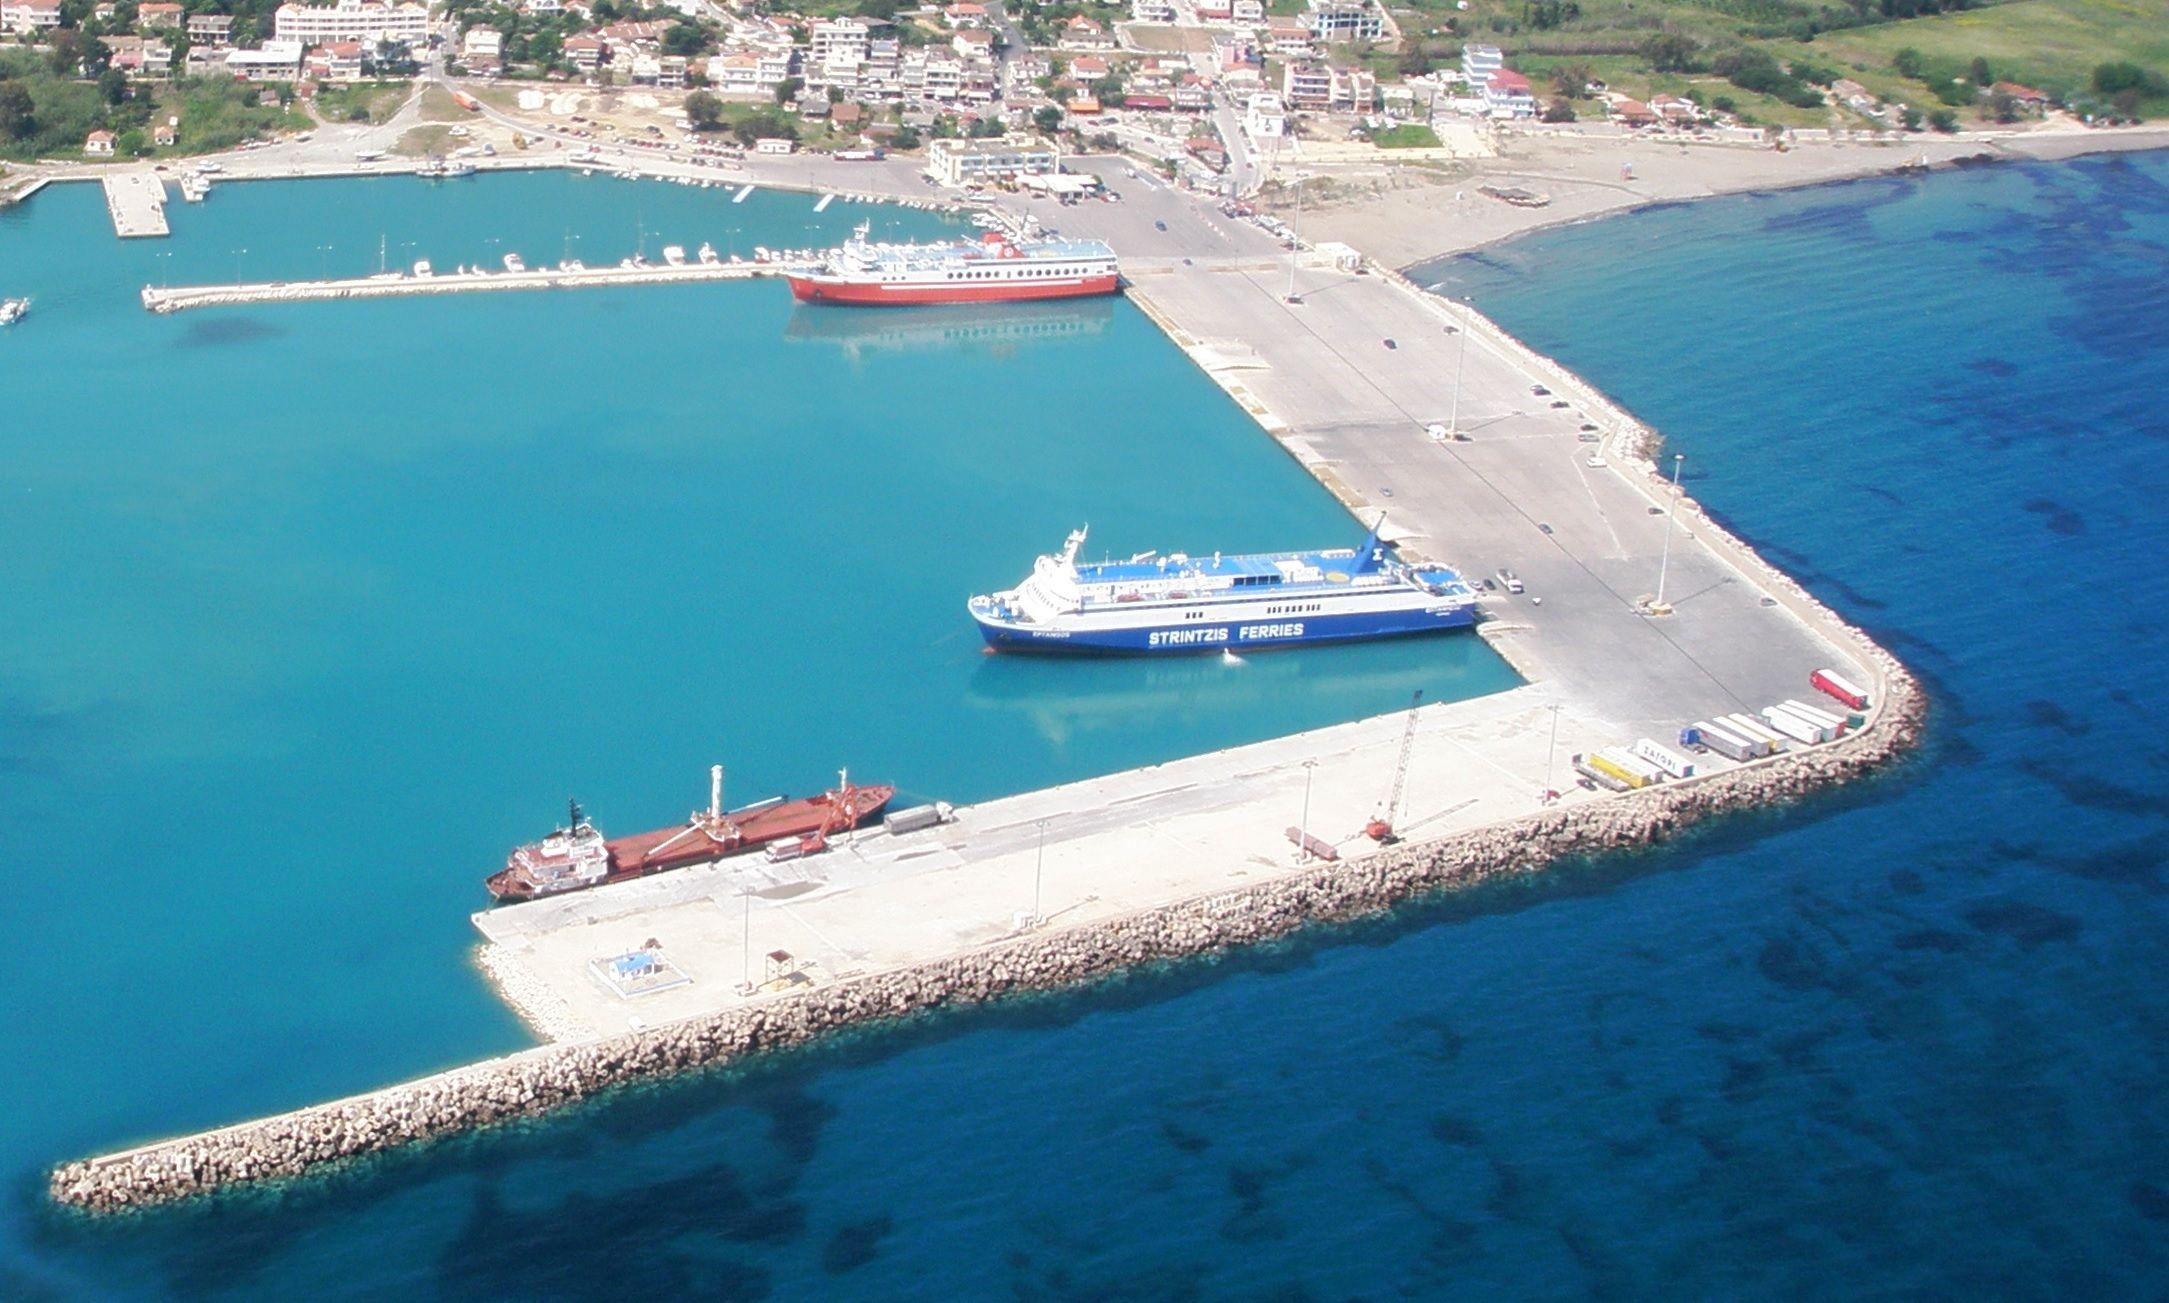 Στην Κυλλήνη η πρώτη χερσαία υποδομή ηλεκτροδότησης πλοίων στην Ανατολική Μεσόγειο